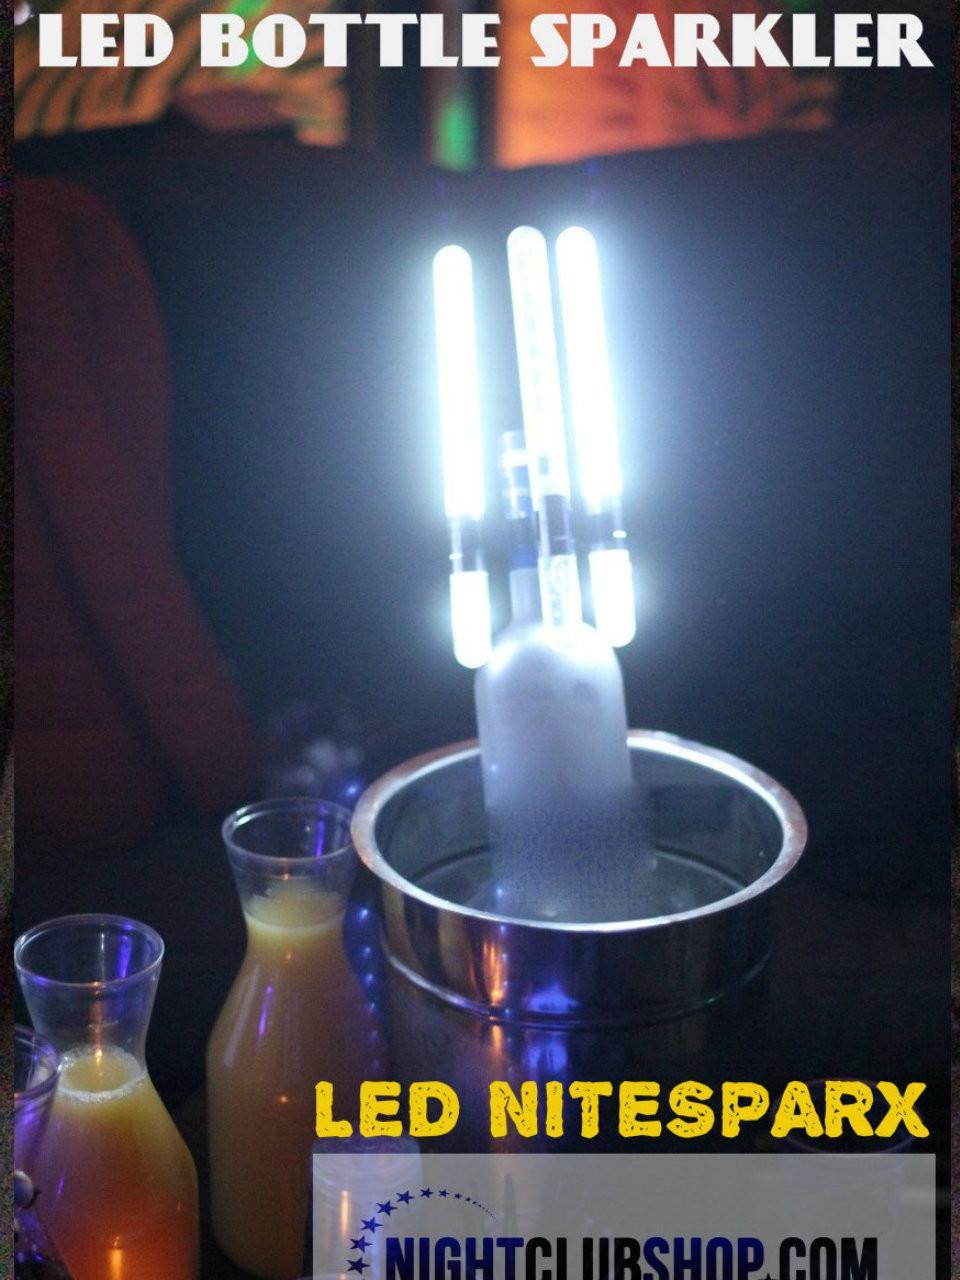 LED Bottle Sparkler, LED, Bottle Sparkler, Bottle, Sparkler, Electric champagne bottle sparkler LED, alternative, Champagne Sparkler, Bottle Sparkler, LED Spark